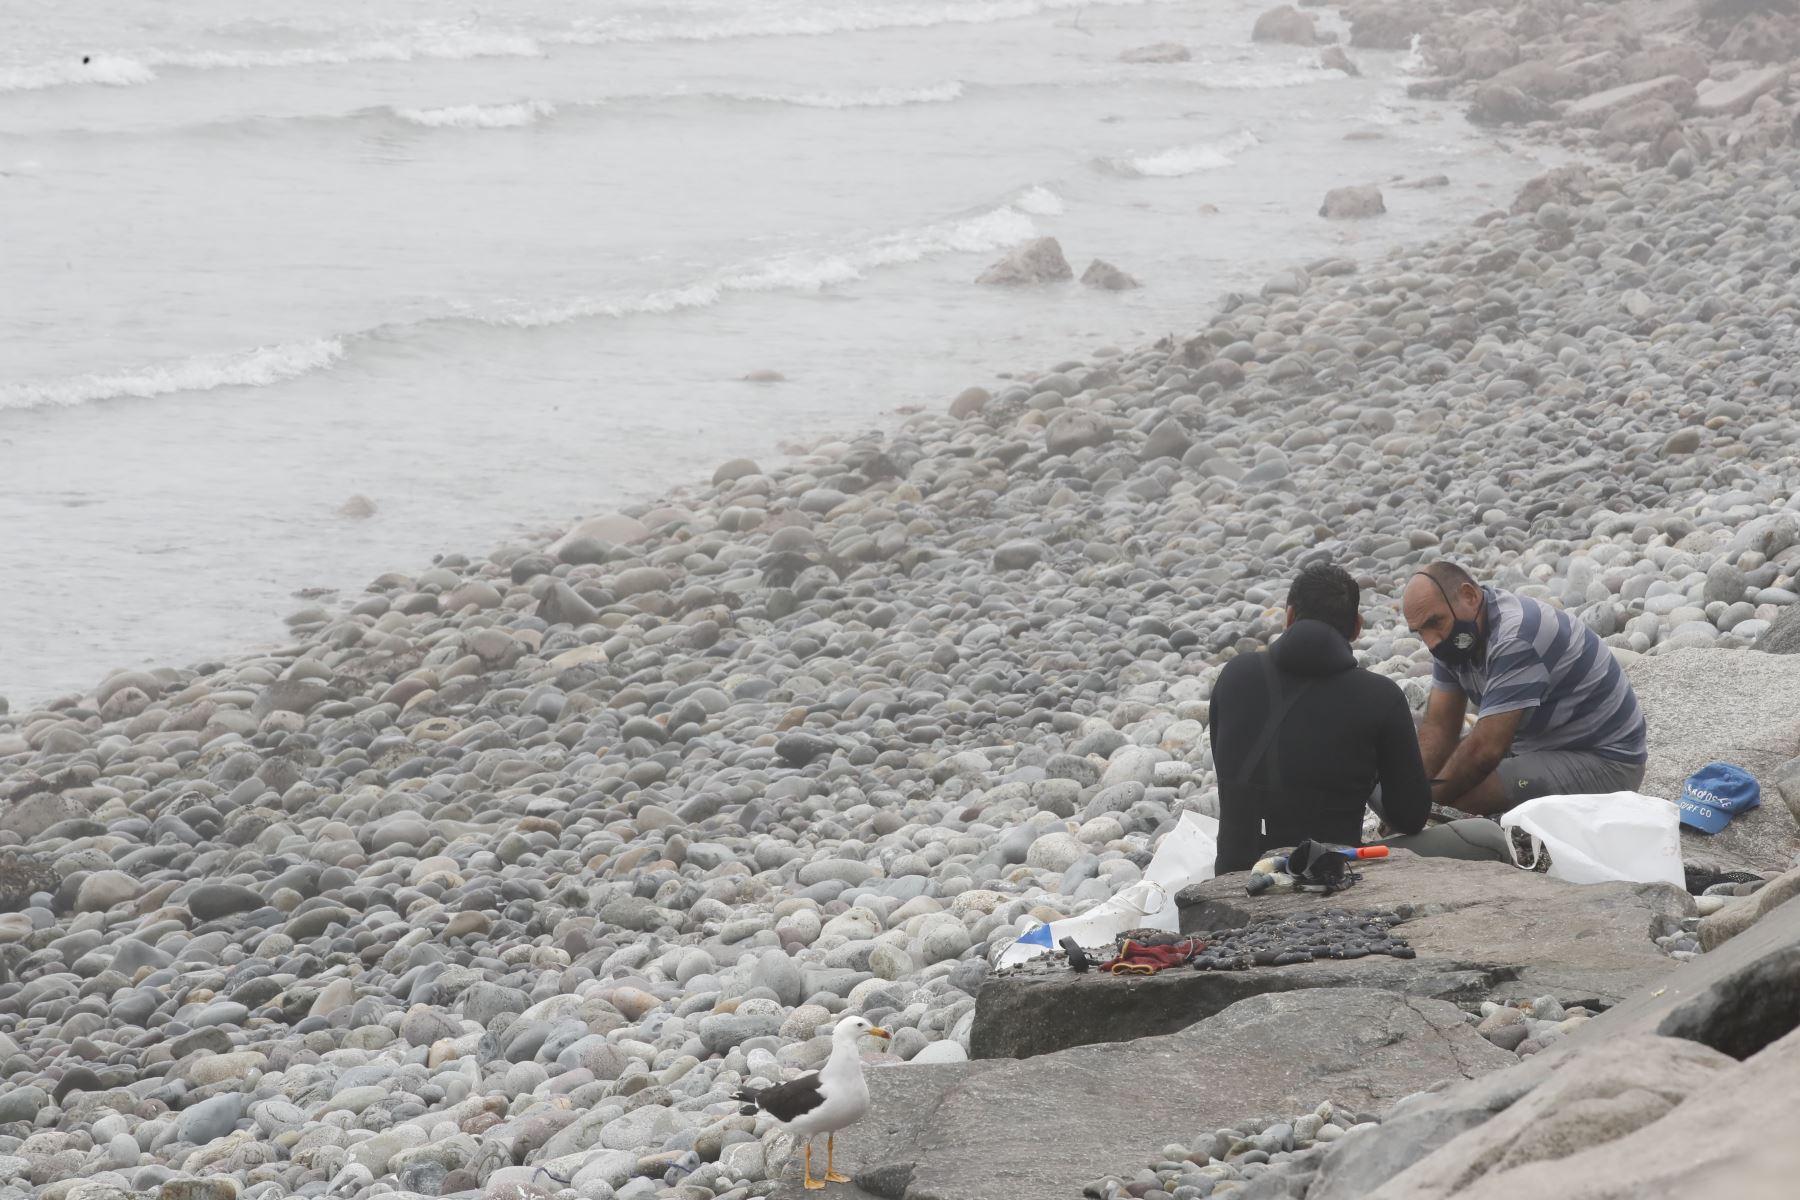 Playas se podrían convertir en nuevos focos de contagio del covid-19. Foto: ANDINA/Juan Carlos Guzmán.